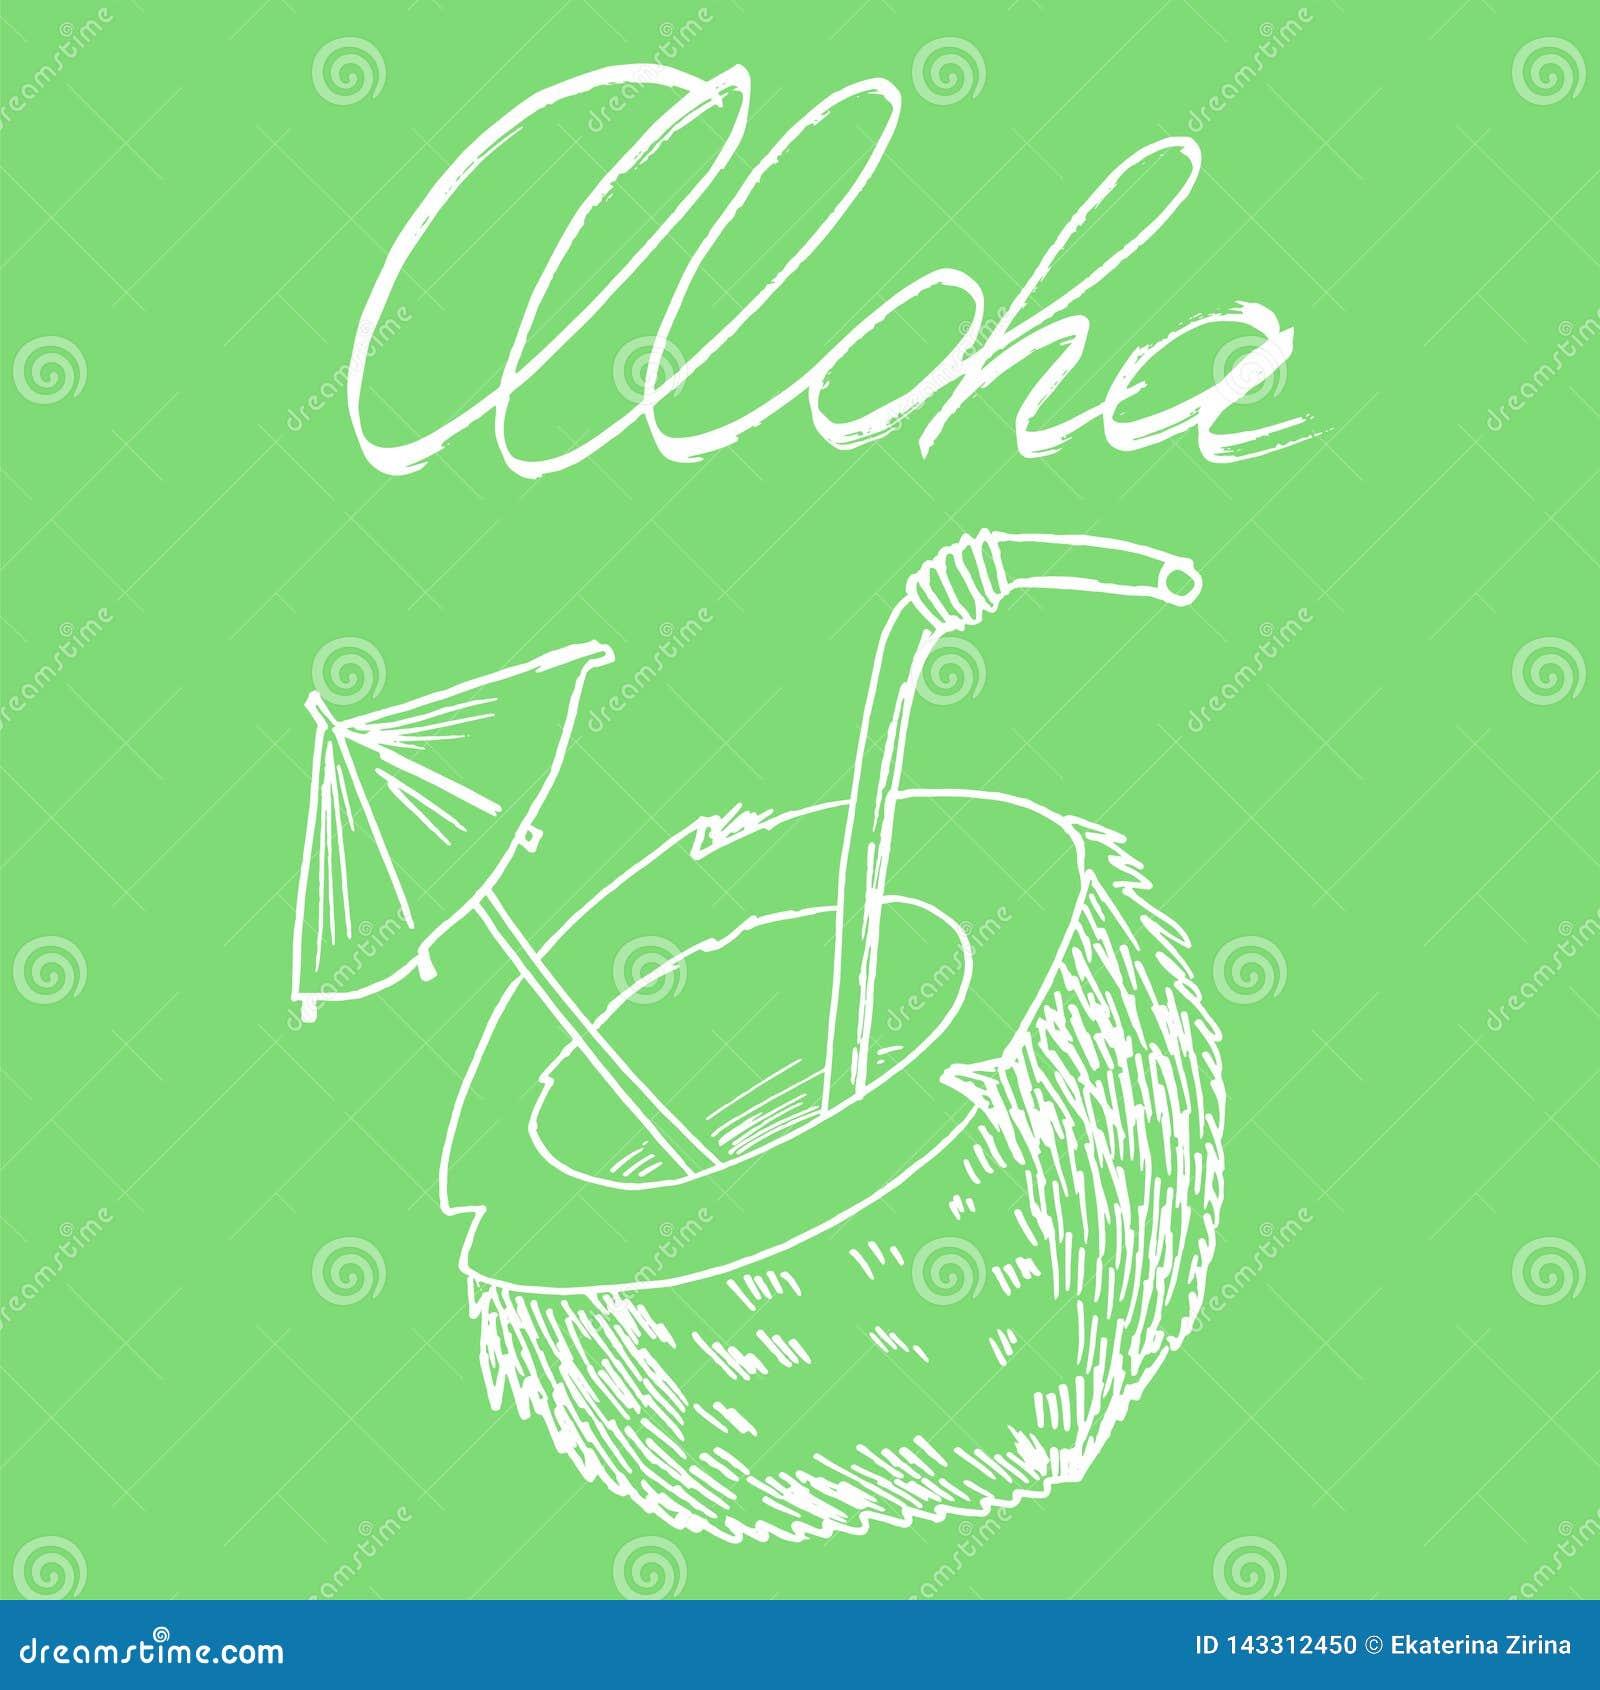 Άσπρη επιγραφή καρύδων και aloha στην πράσινη διανυσματική εικόνα υποβάθρου